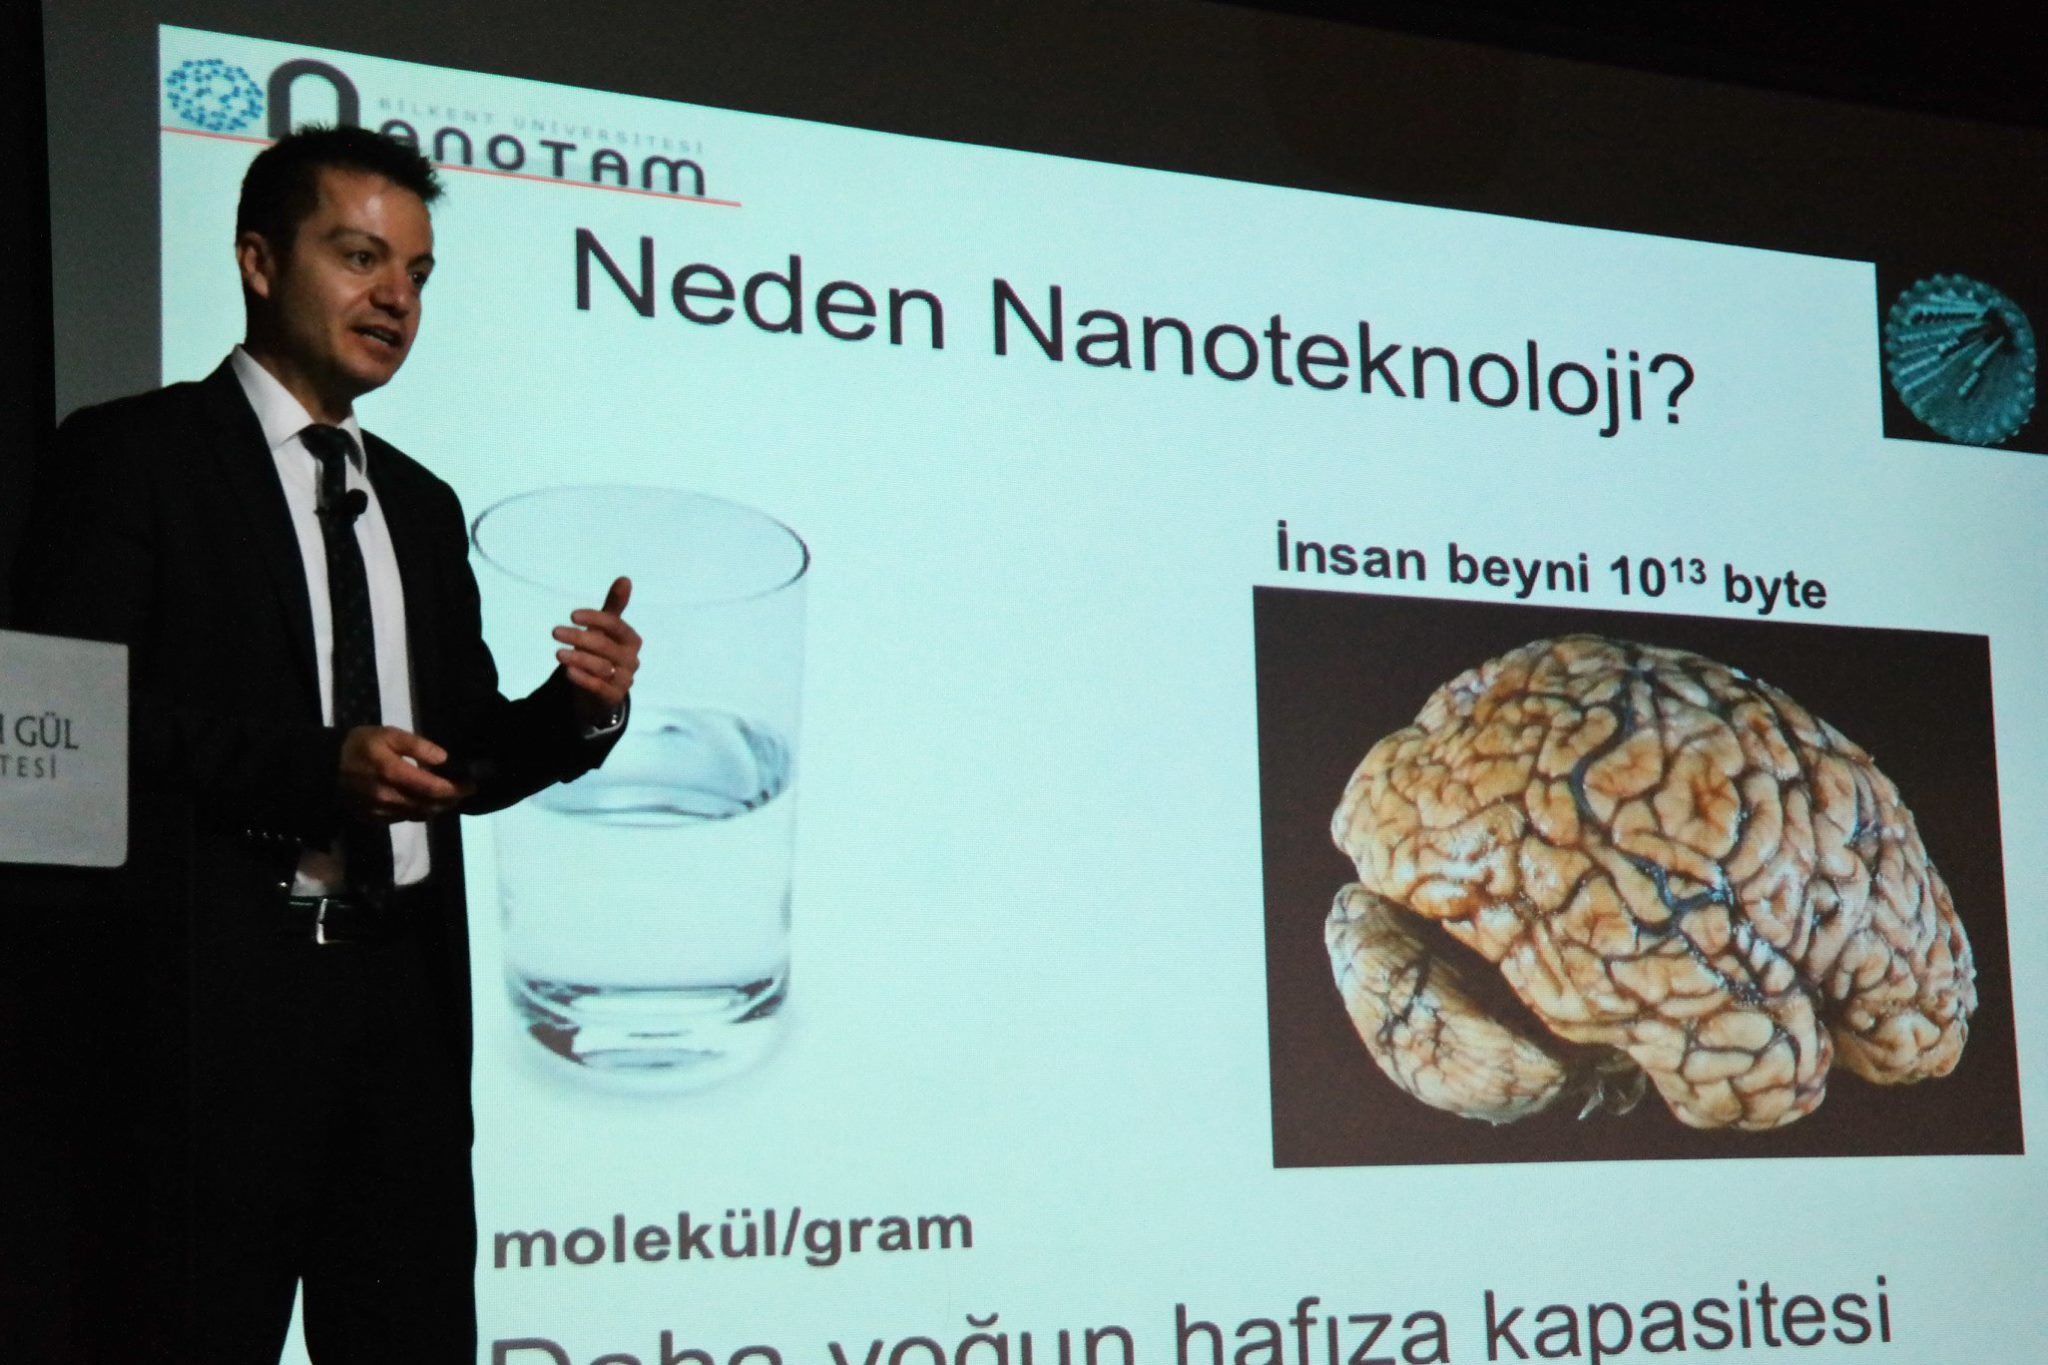 AGÜ Talks etkinliğinin bu haftaki konuğu Prof. Dr. Ekmel Özbay oldu.